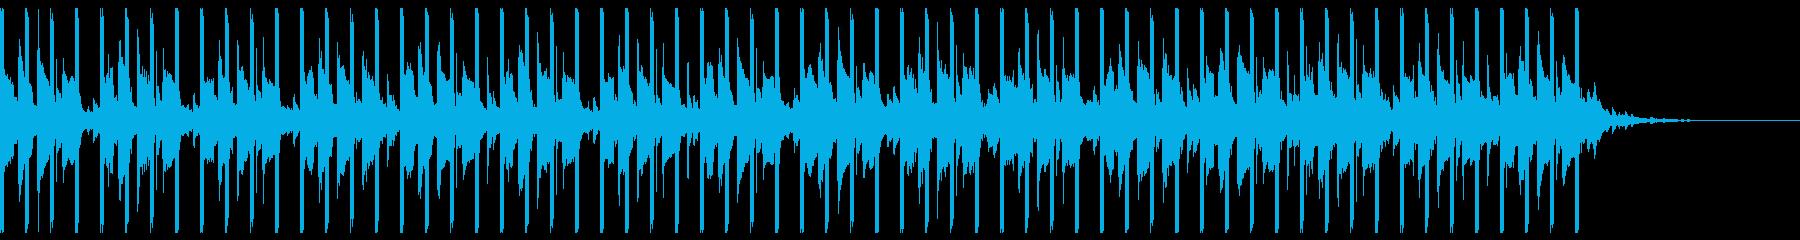 情報技術(30秒)の再生済みの波形